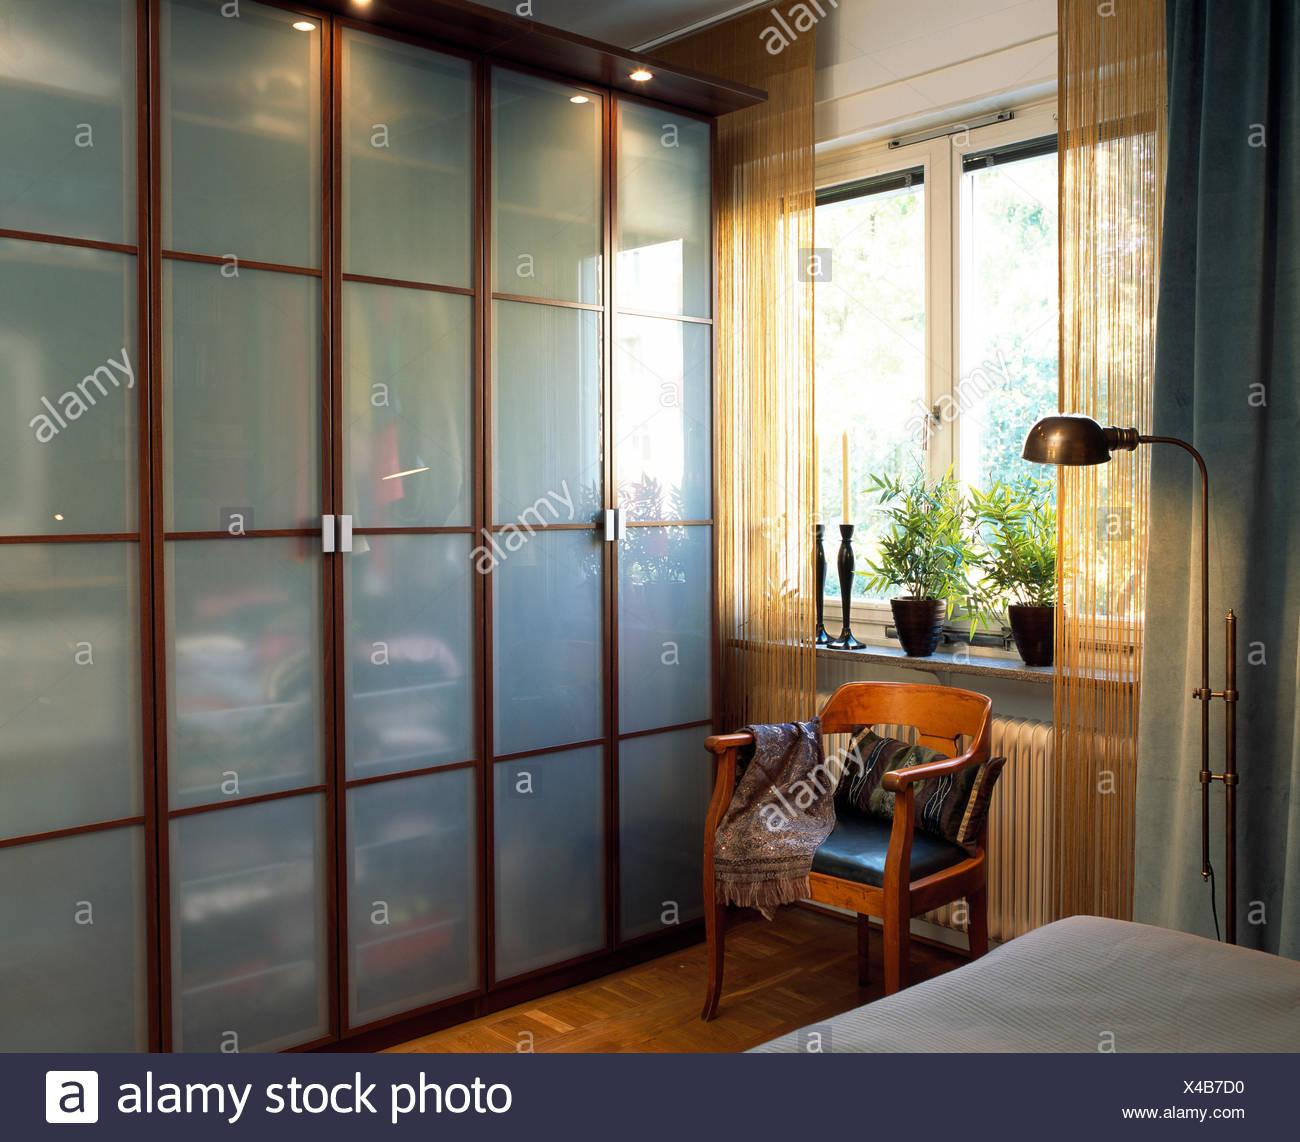 Kleiderschrank Mit Glasturen Stockfotografie Alamy